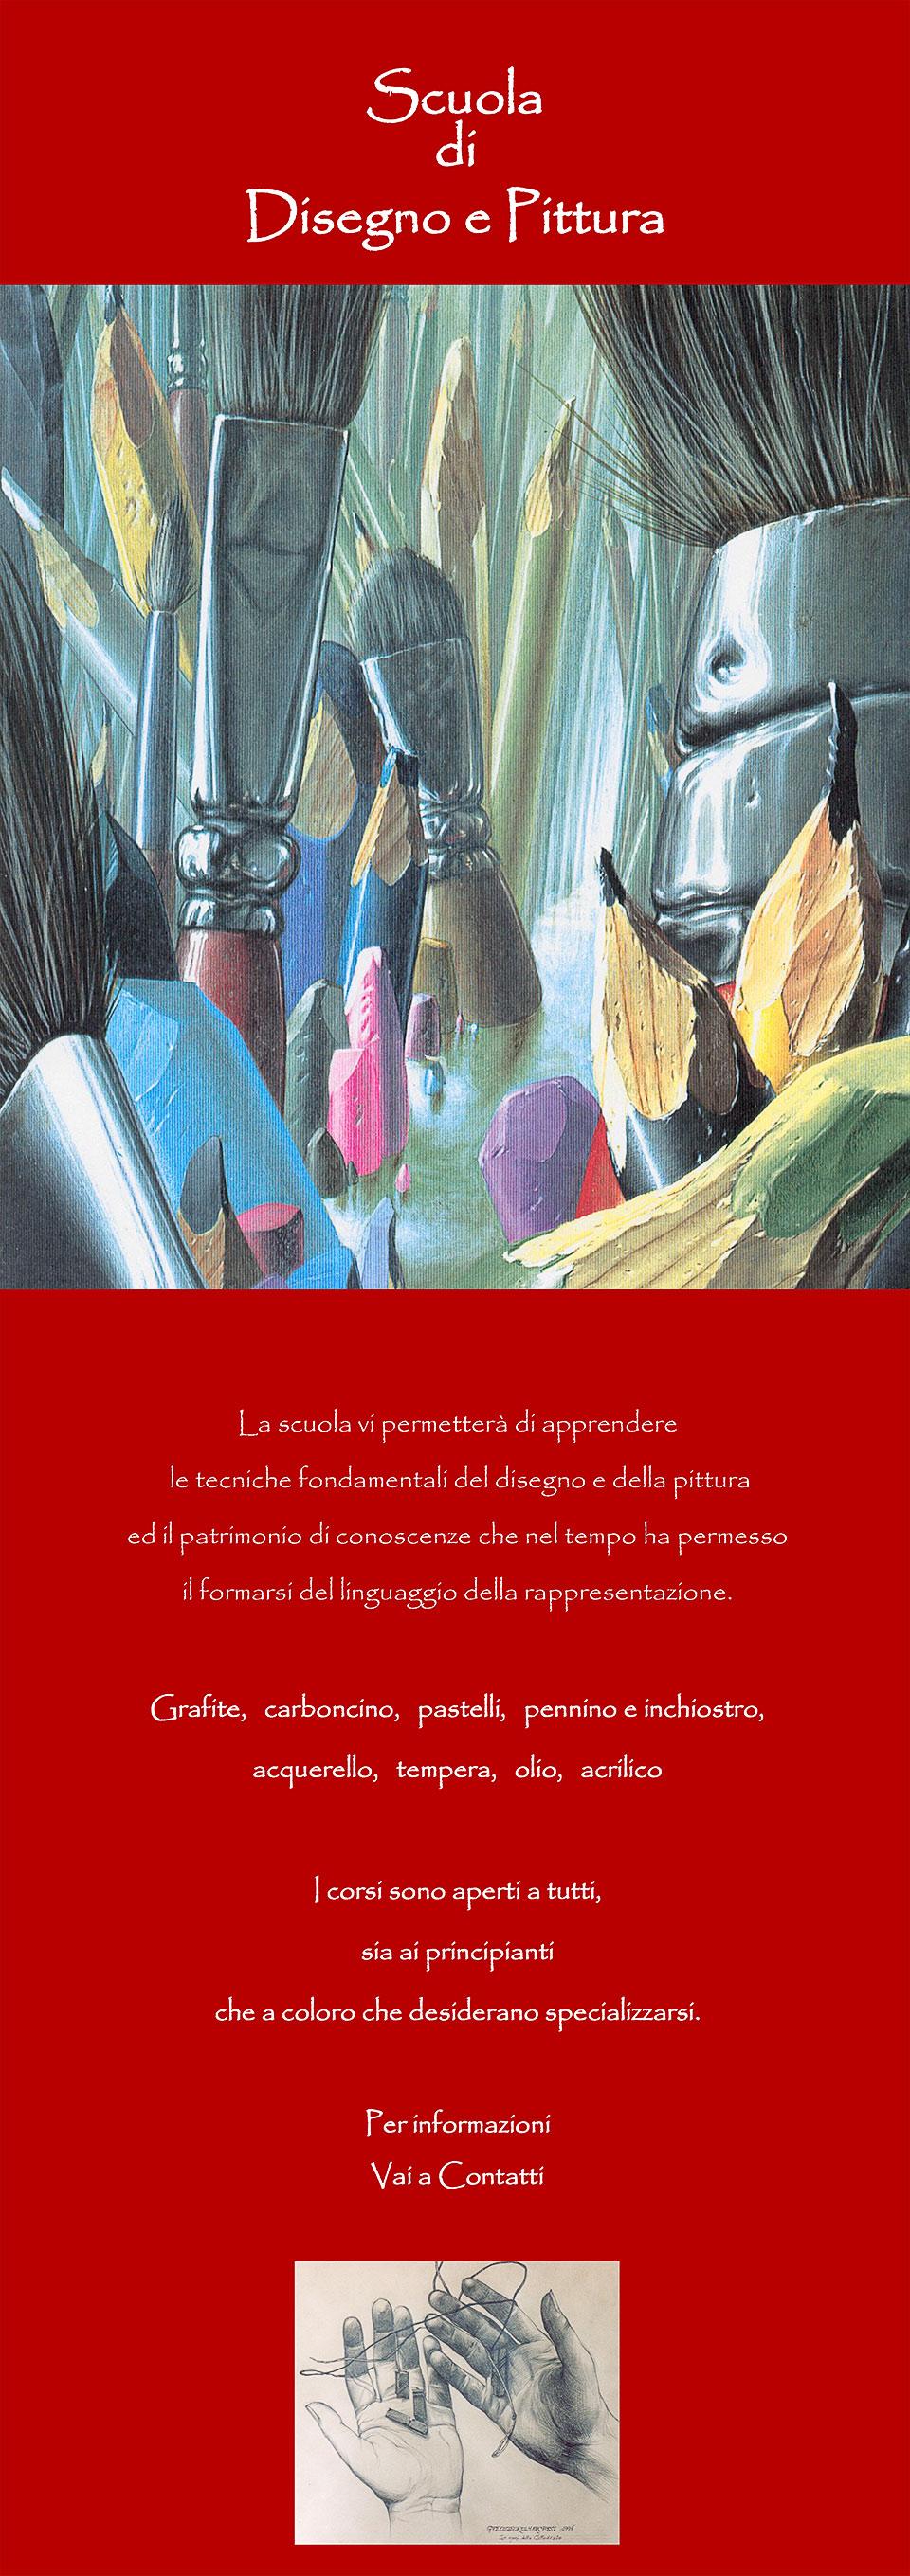 Corsi-disegno e pittura Guido Zibordi Marchesi